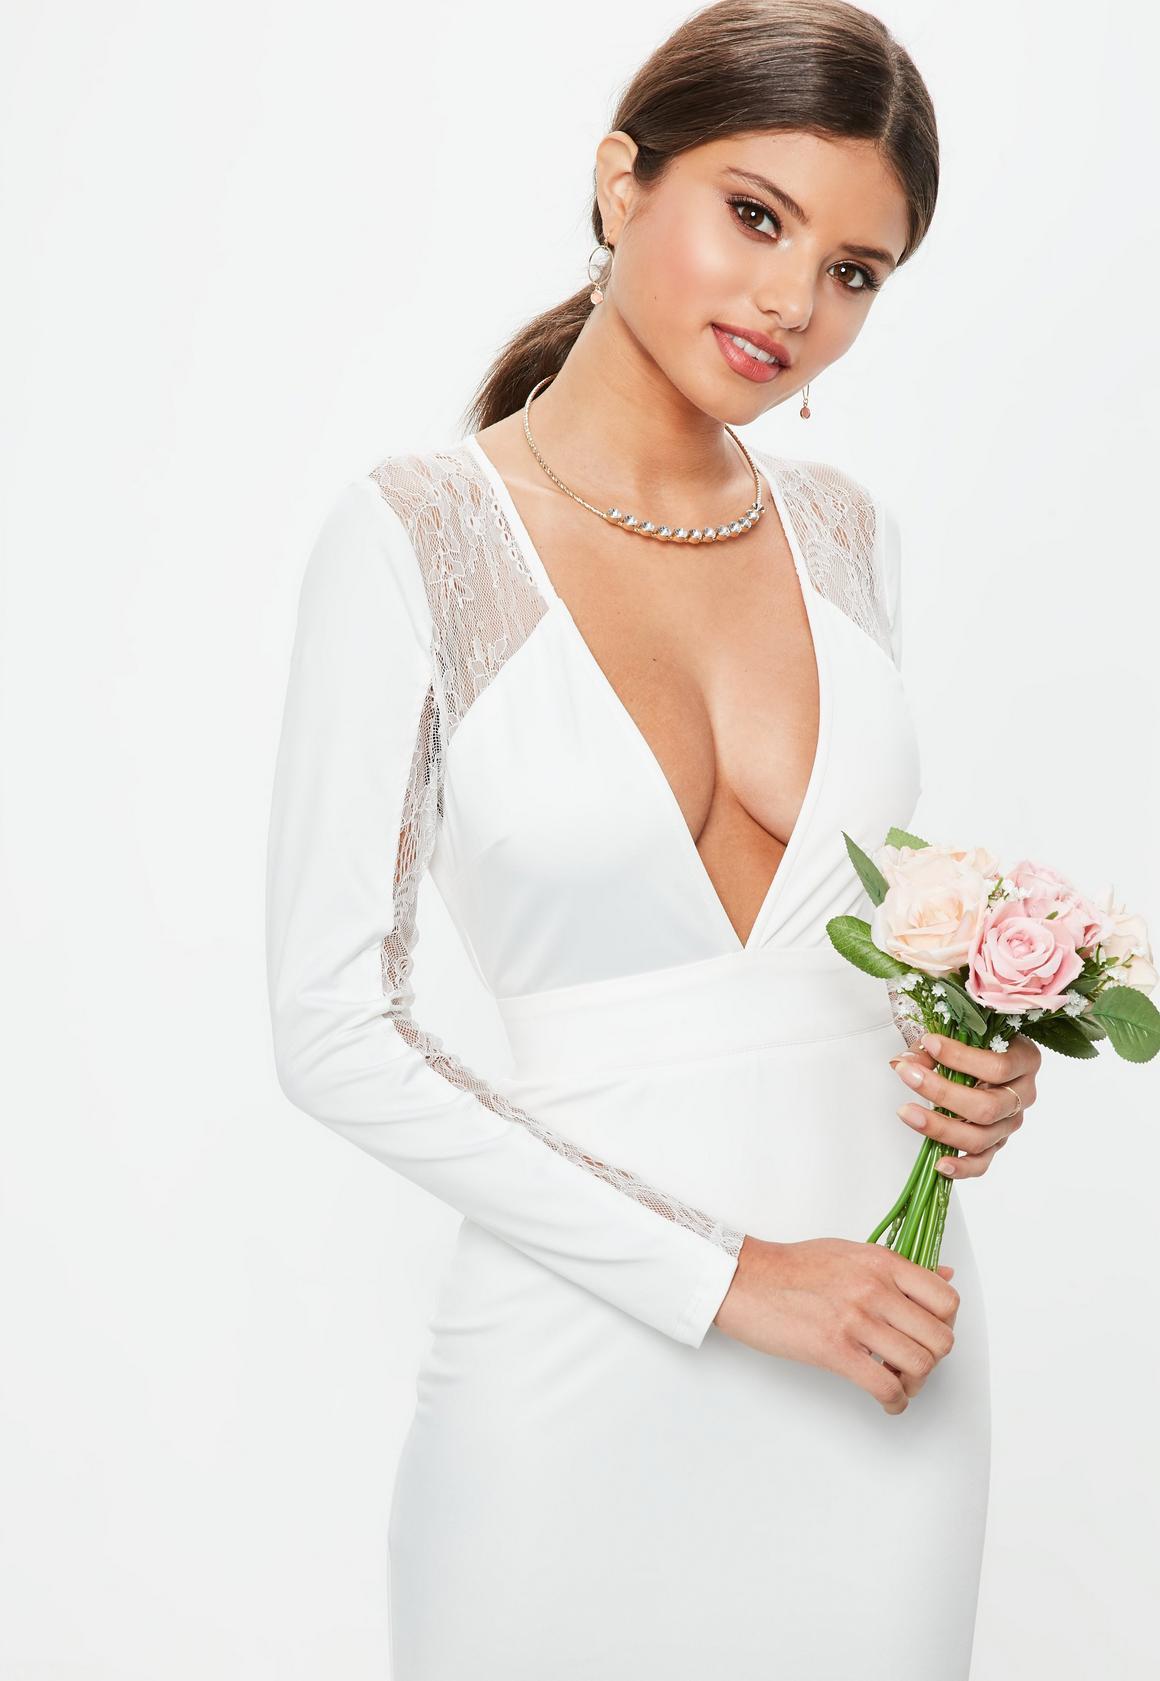 Gemütlich Gebrauchte Brautkleider Dallas Tx Fotos - Brautkleider ...